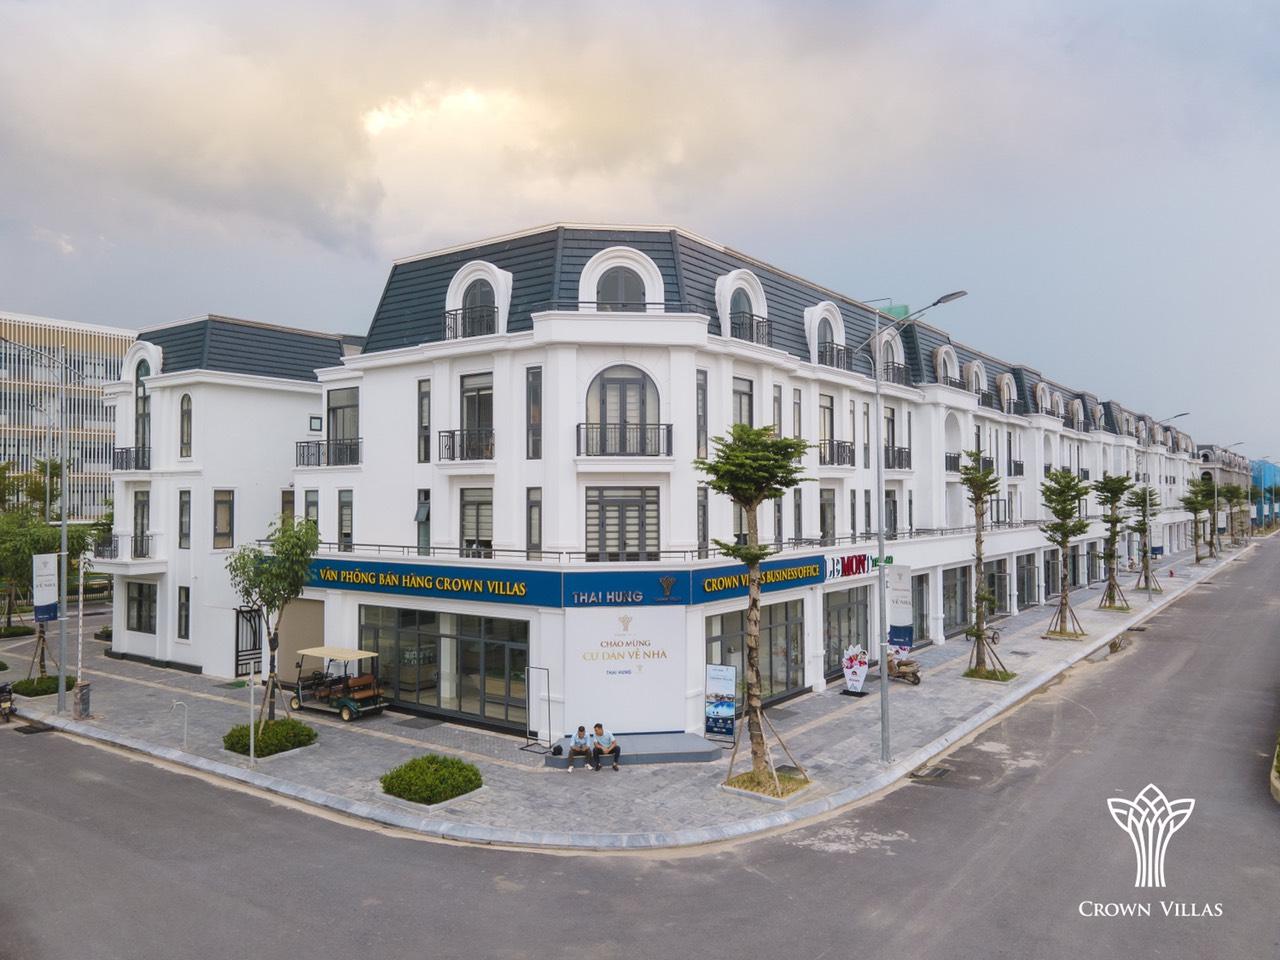 Mua nhà 0đ tại Crown Villas Thái Nguyên lãi suất 0% 18 tháng